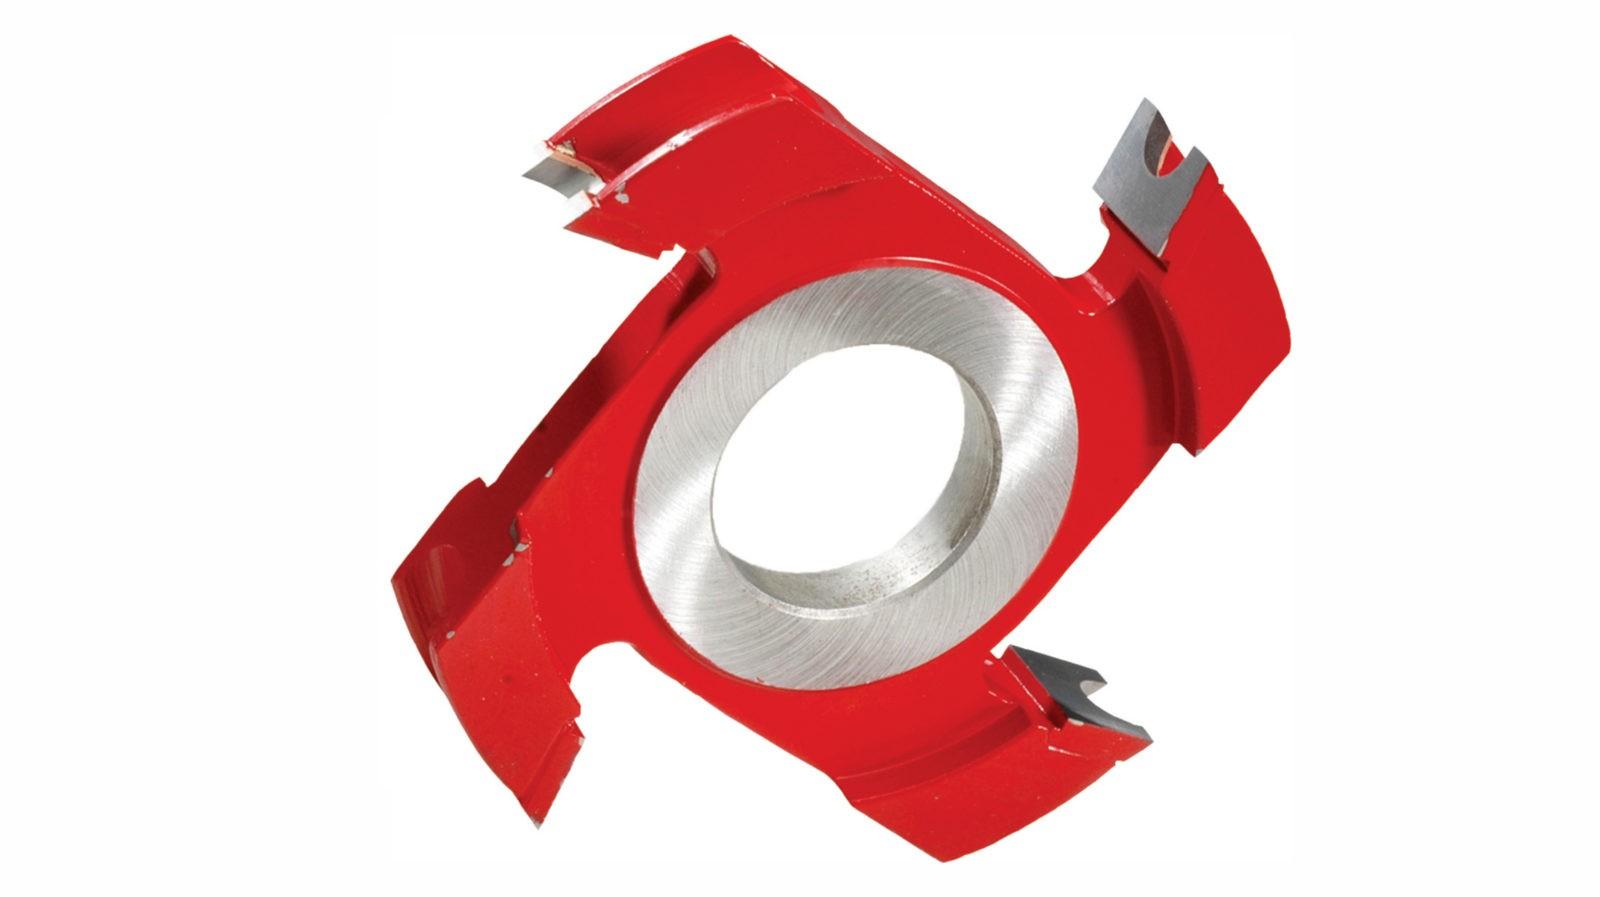 Herramientas de corte para madera, aluminio y PVC